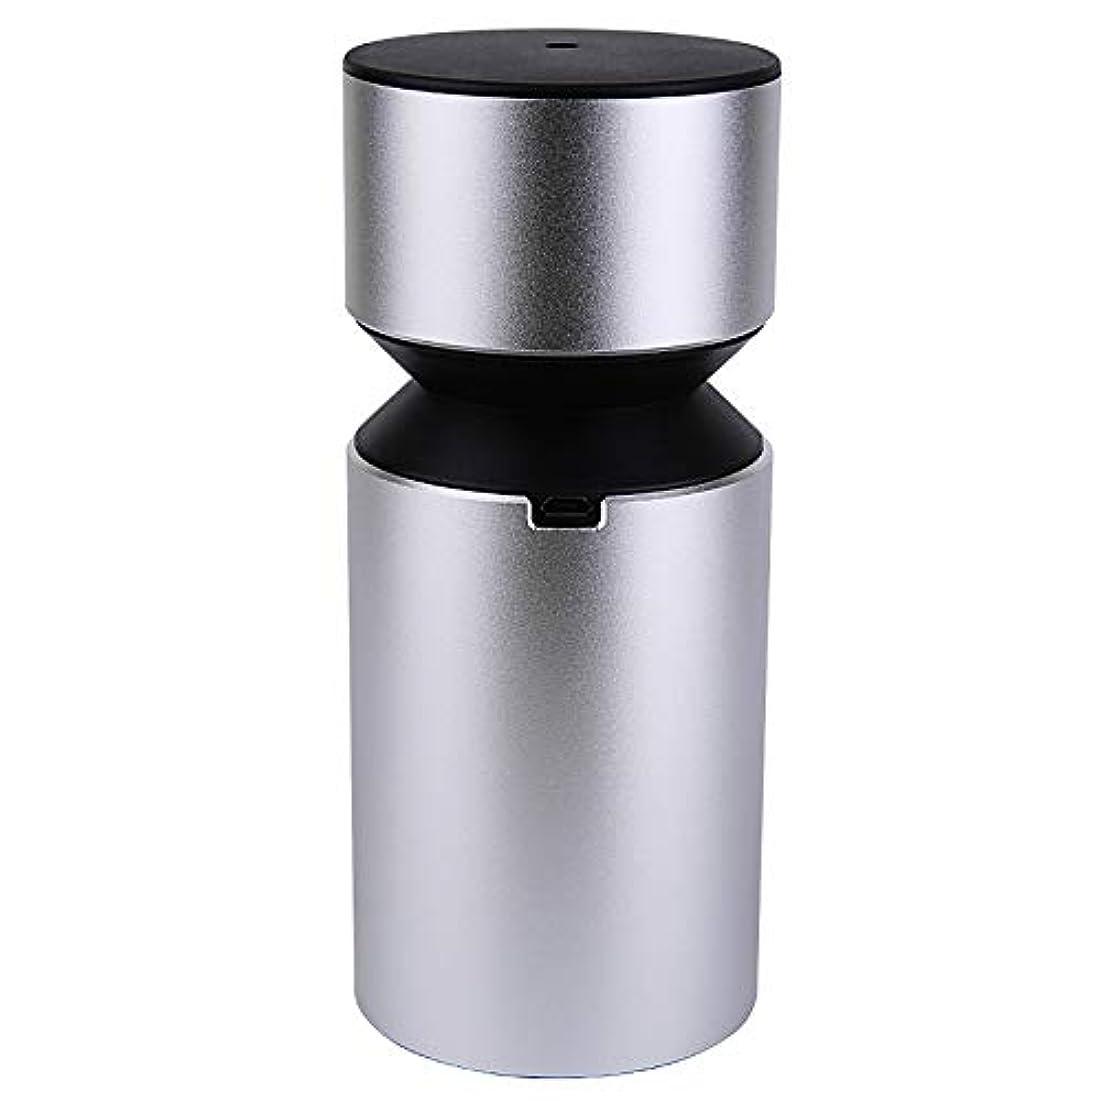 アロマディフューザー 車載用 ネブライザー式 充電式 静音 精油瓶1個スポイト付きT11-ENS068N (シルバー)